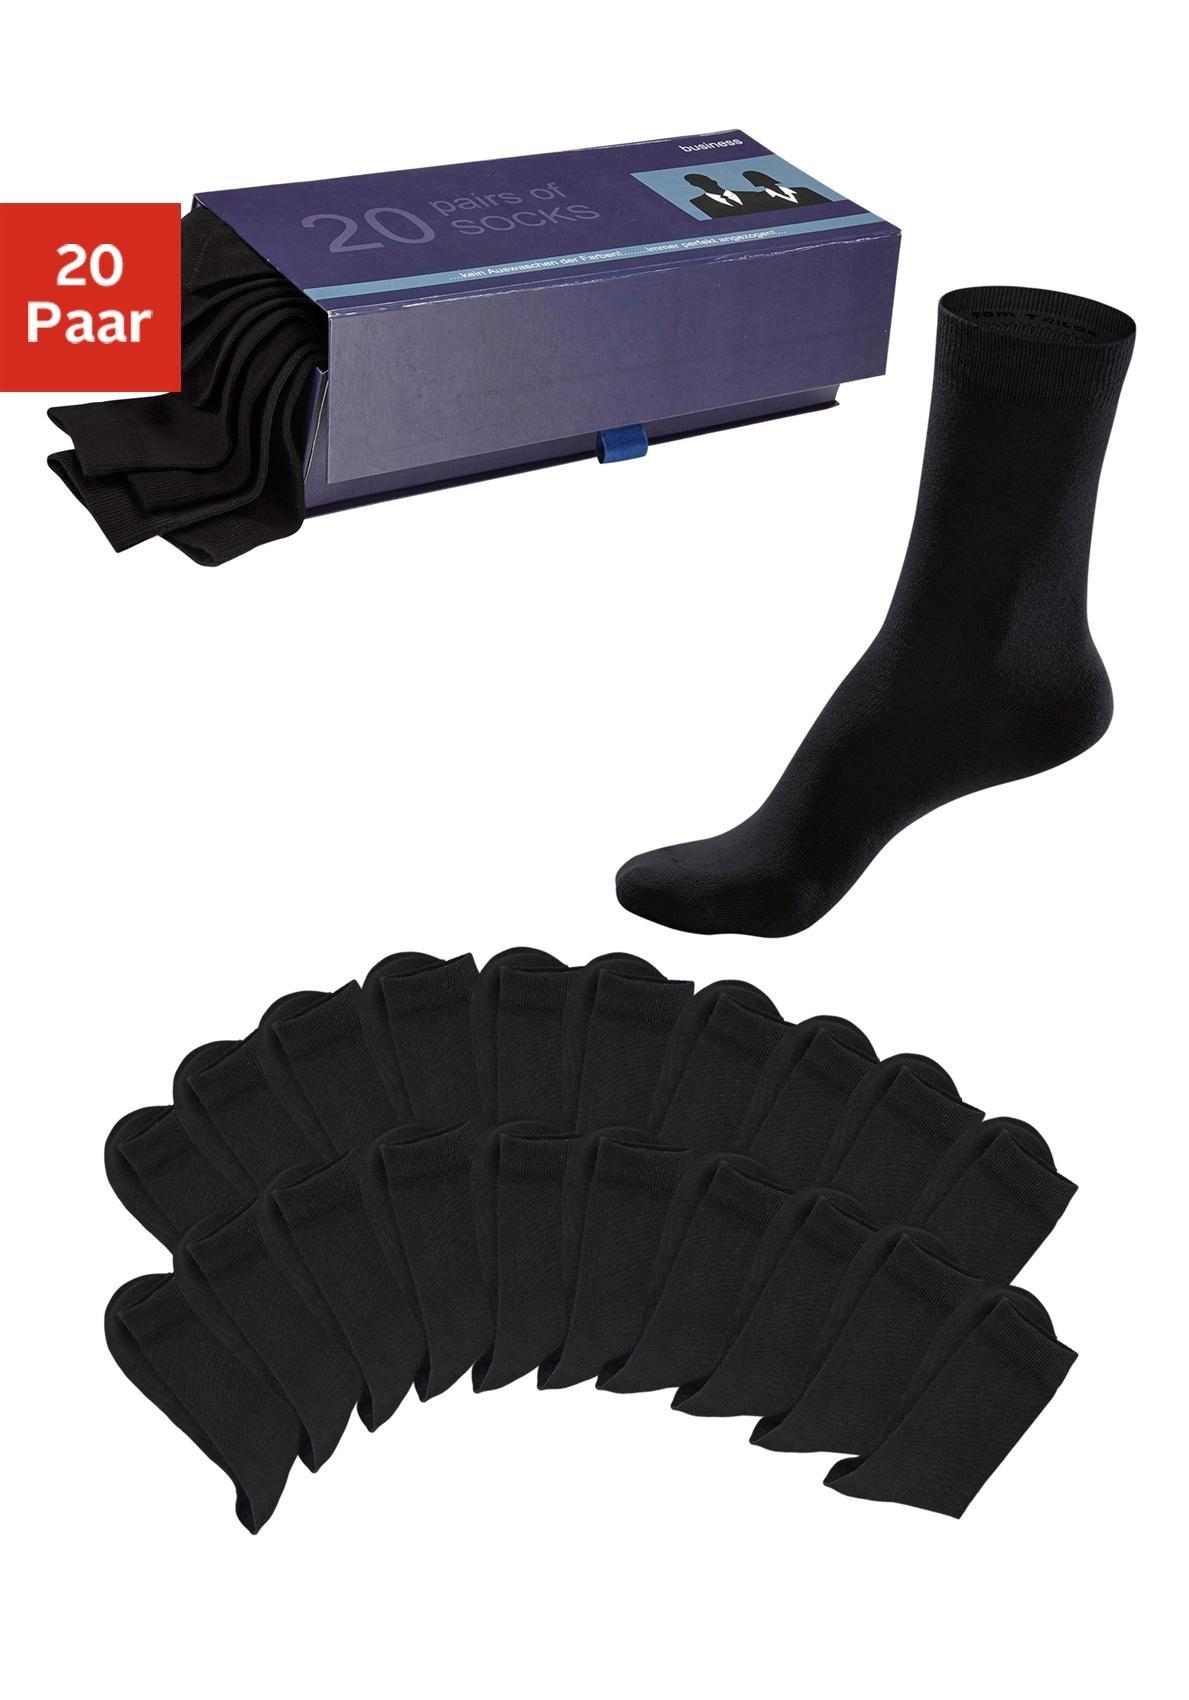 TOM TAILOR sokken (set van 20 paar) - gratis ruilen op otto.nl